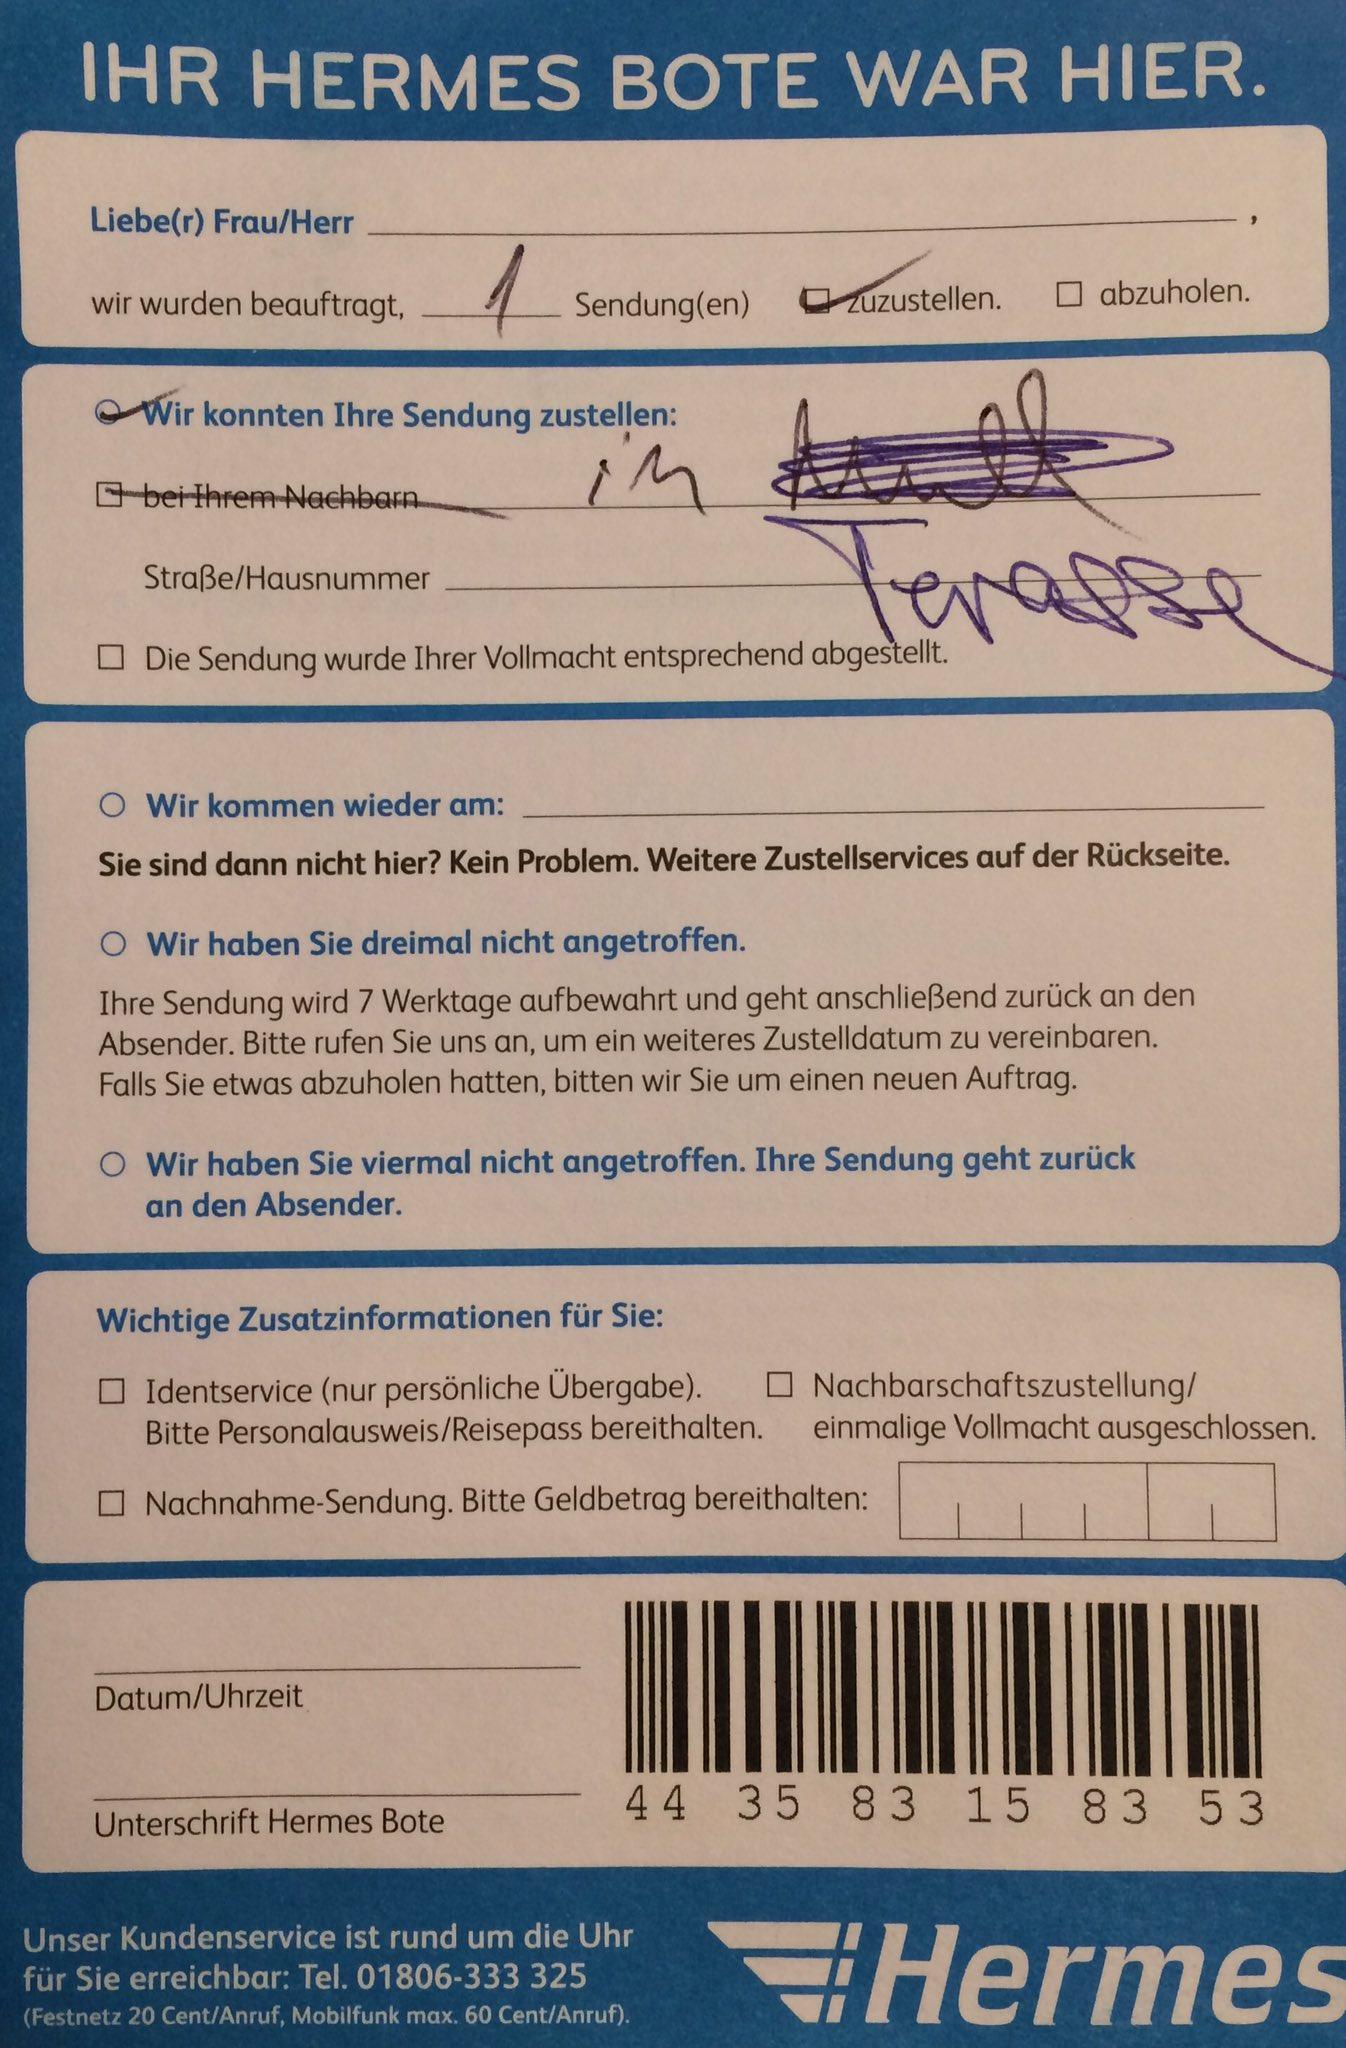 Wie muss ich mir das vorstellen? Pakete werden in den Müll geworfen? @hermesDE #wahnsinn #müll #hermes #paket https://t.co/nPf4mXh2qE